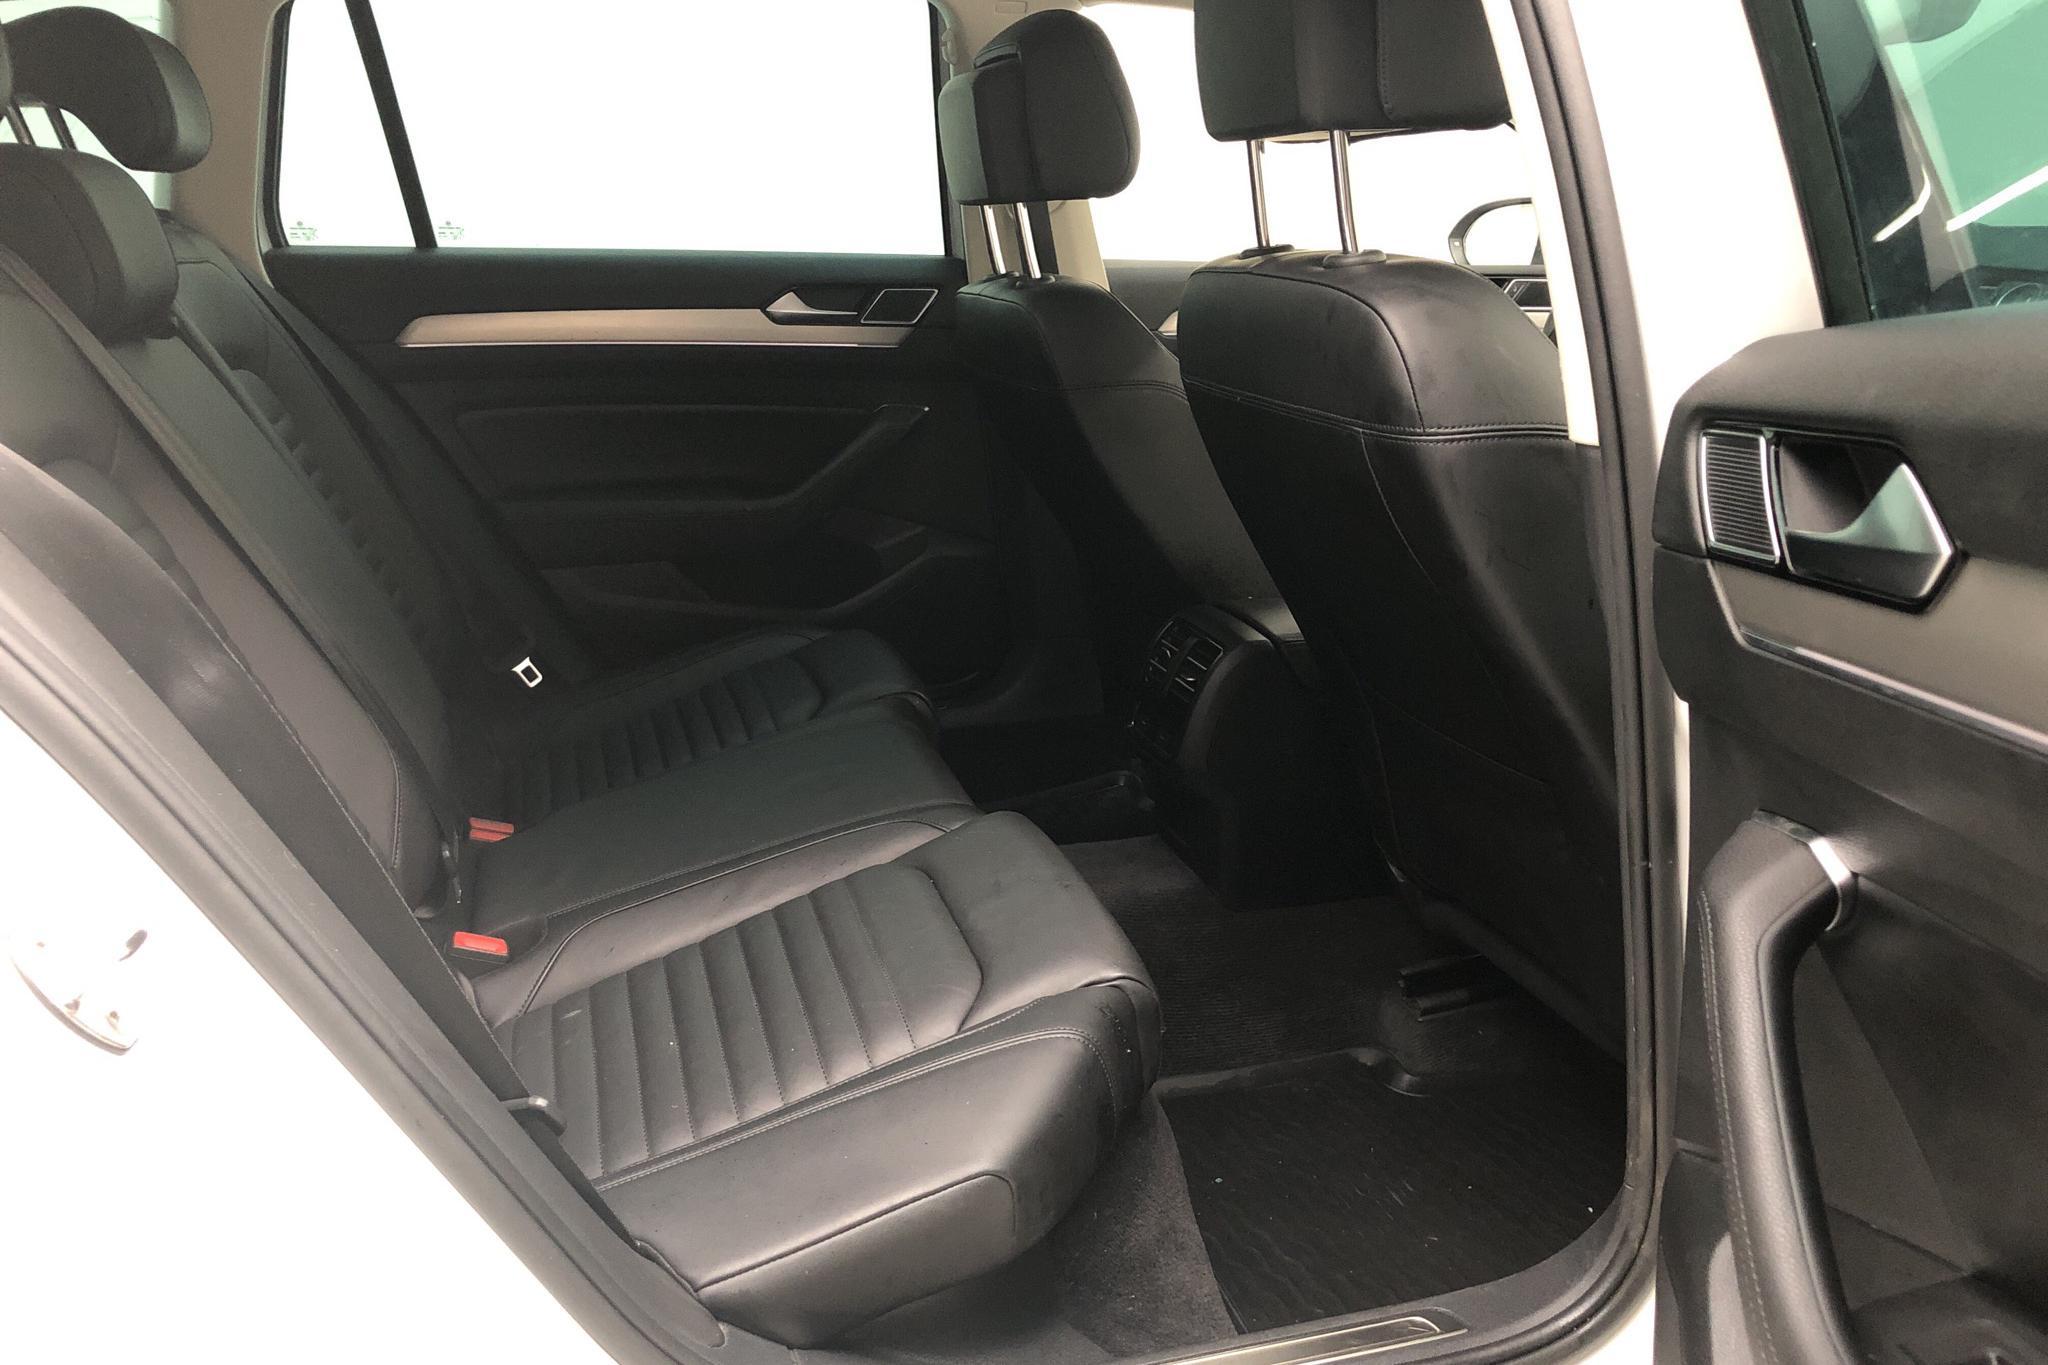 VW Passat 2.0 TDI Sportscombi 4MOTION (190hk) - 7 212 mil - Automat - vit - 2018